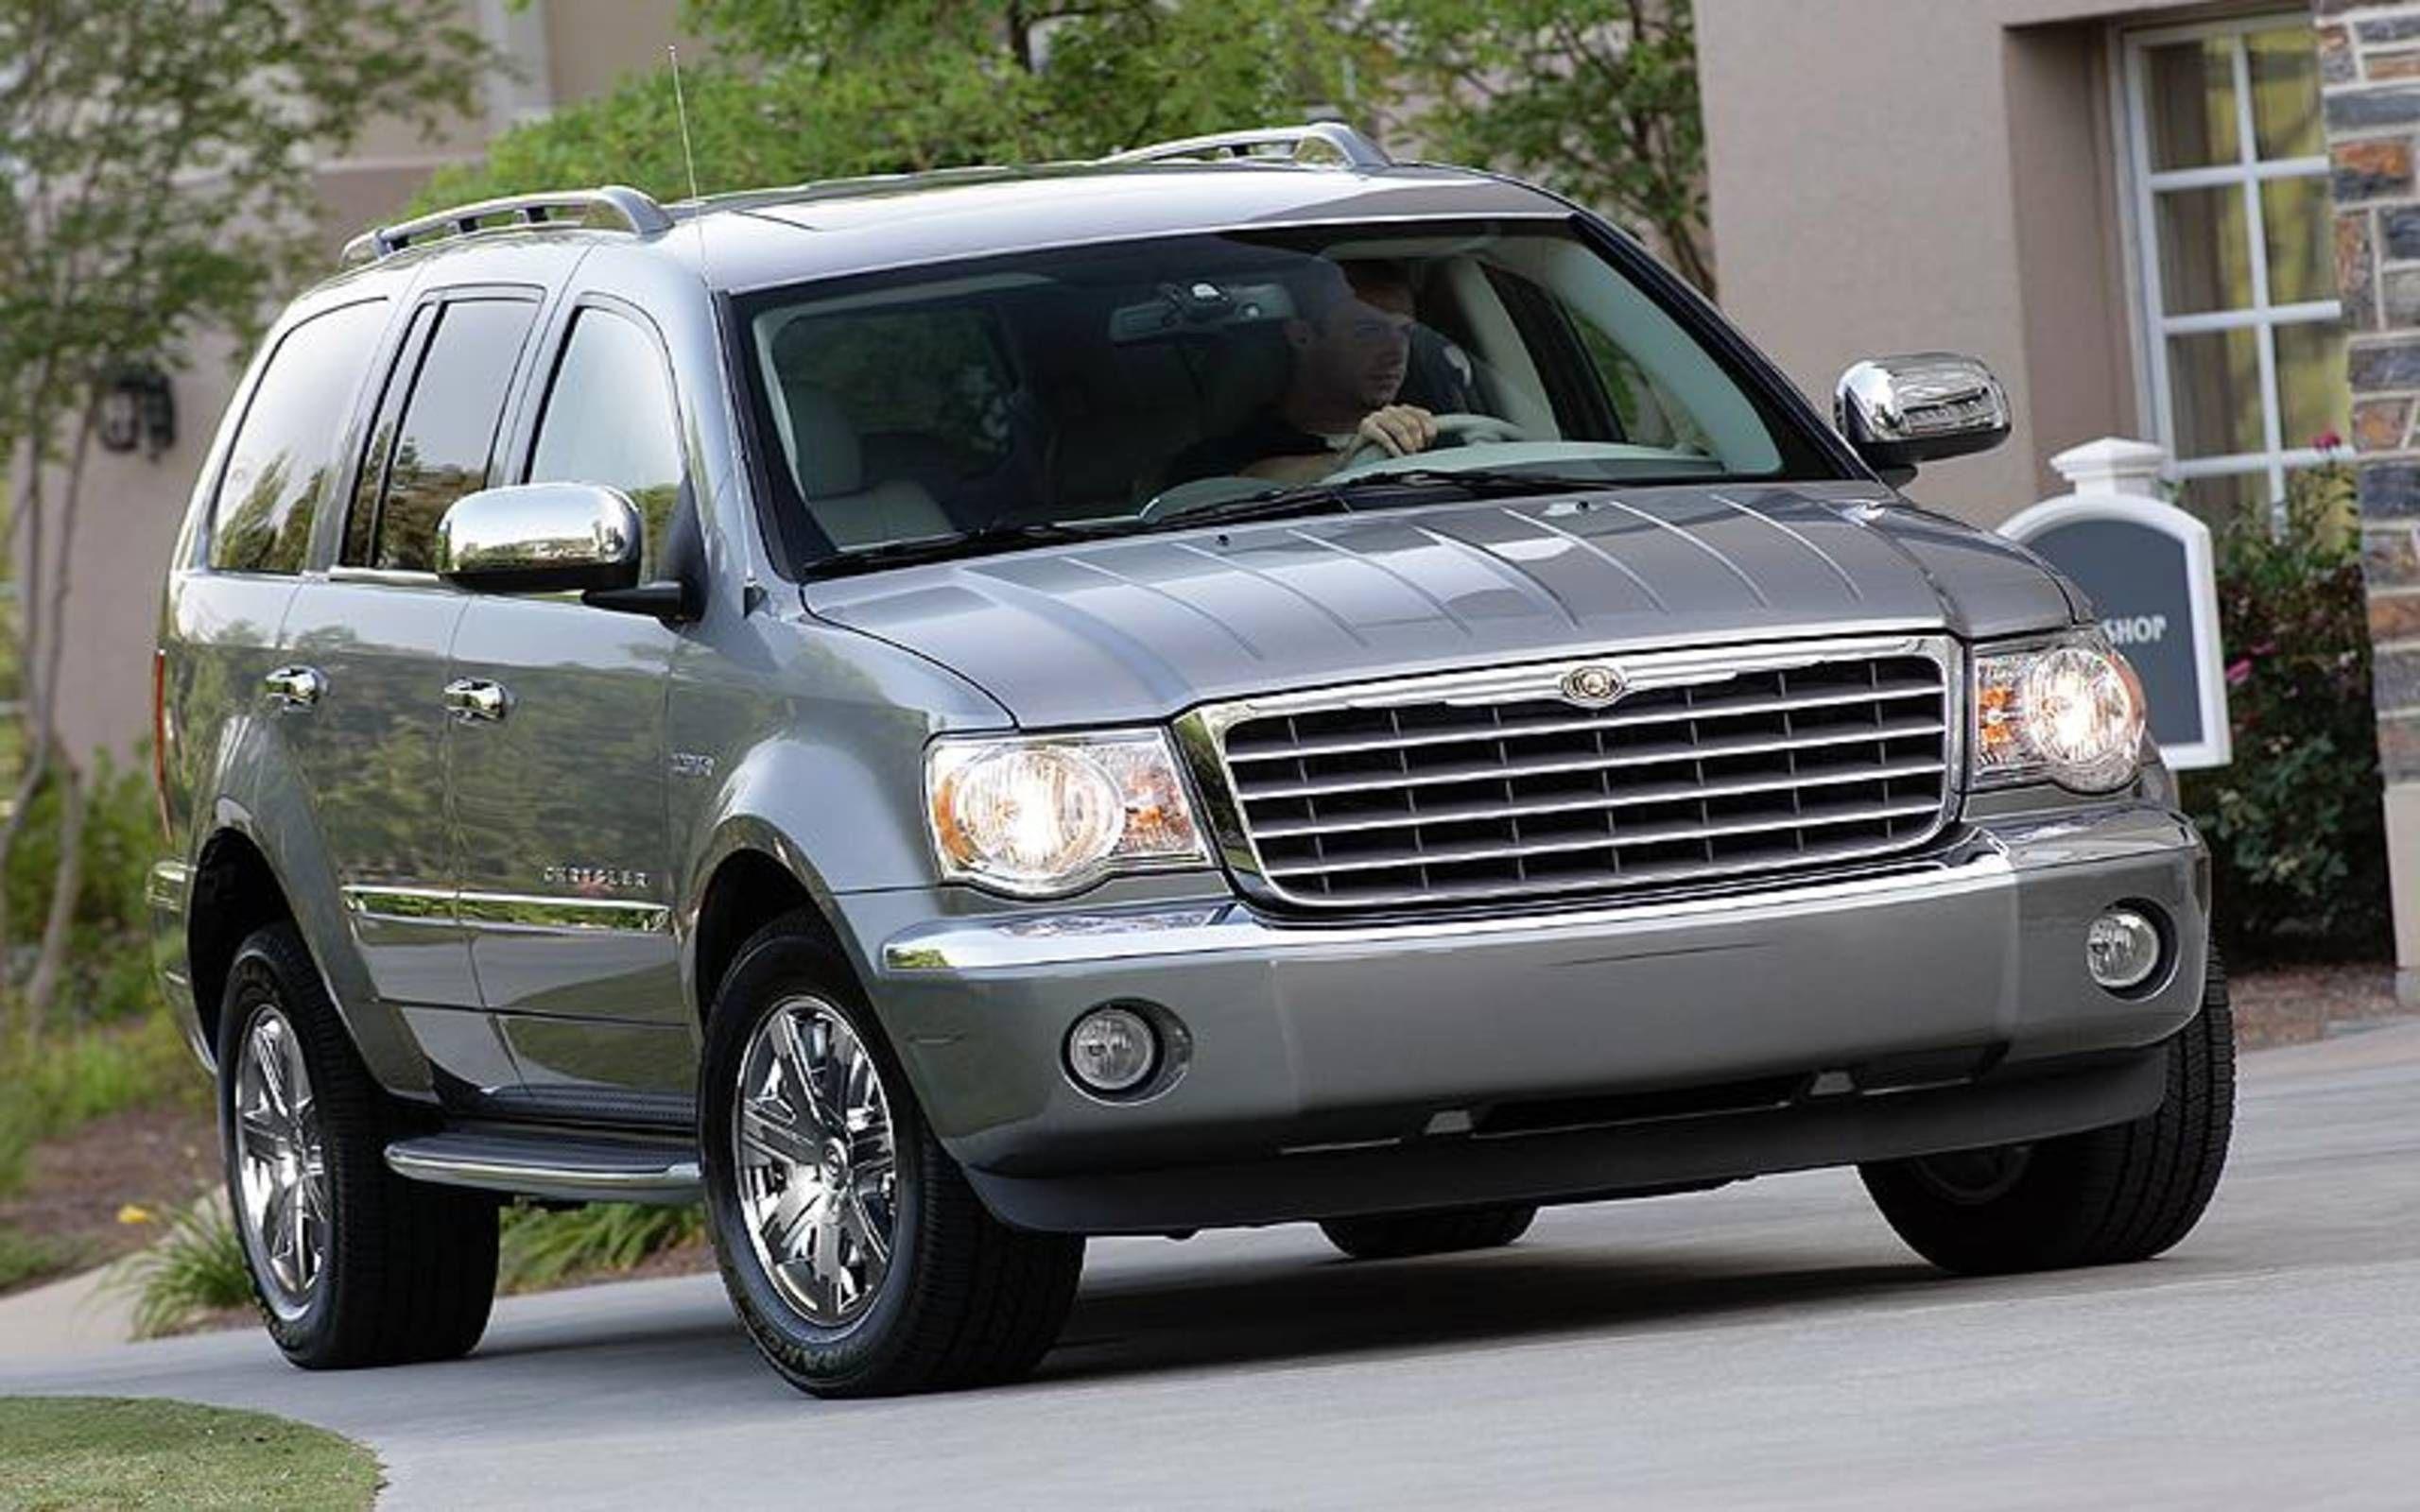 2020 Chrysler Aspen New Concept